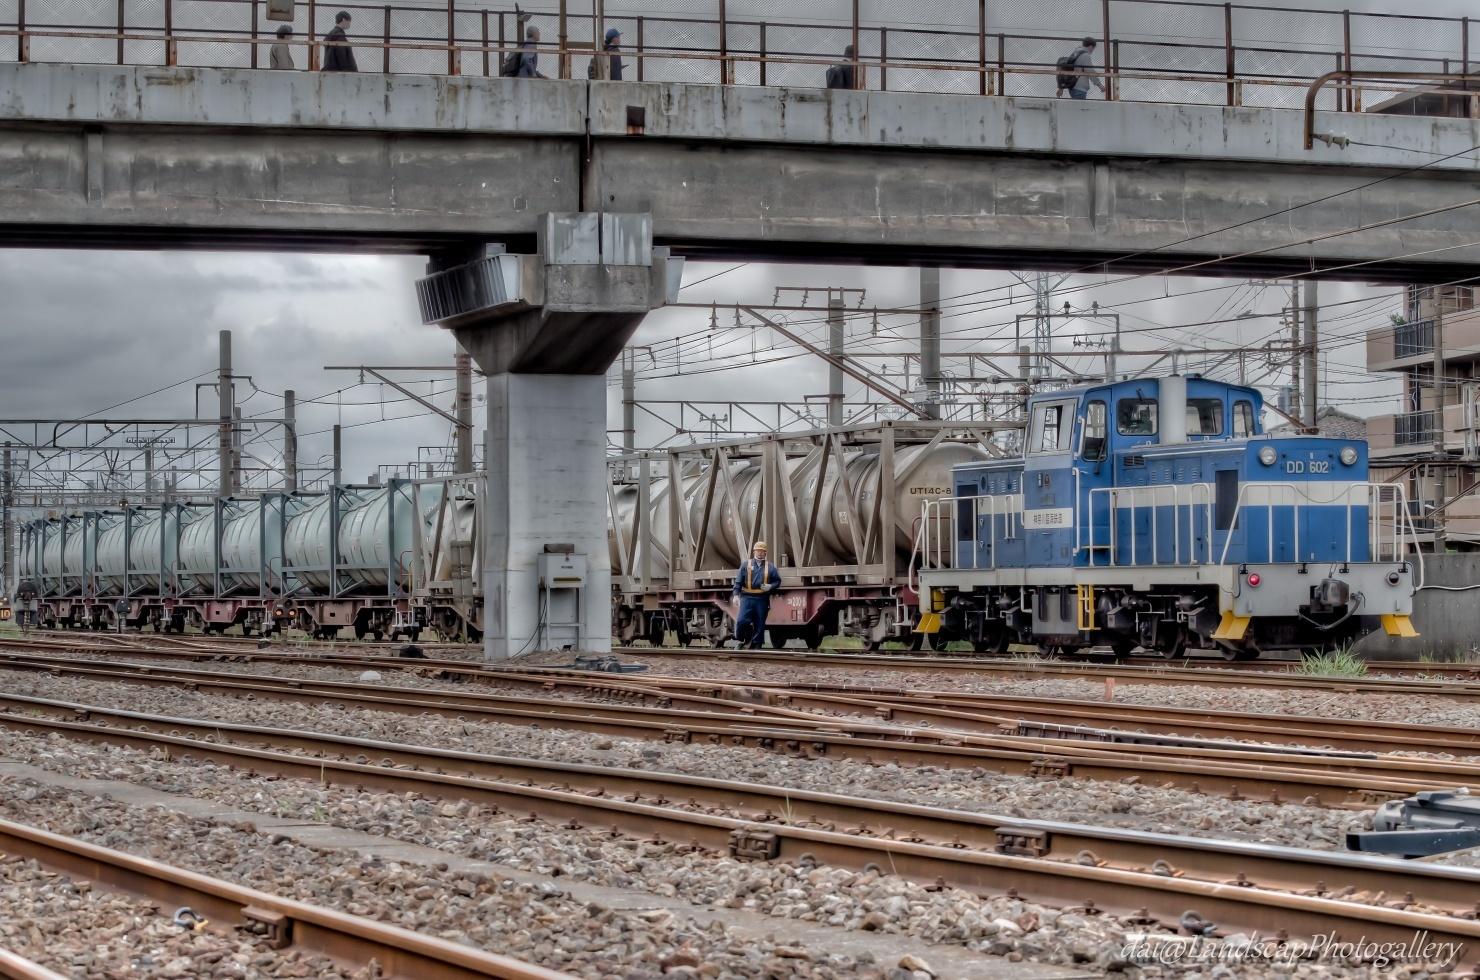 川崎貨物駅 DD602入れ替え風景【HDRi】